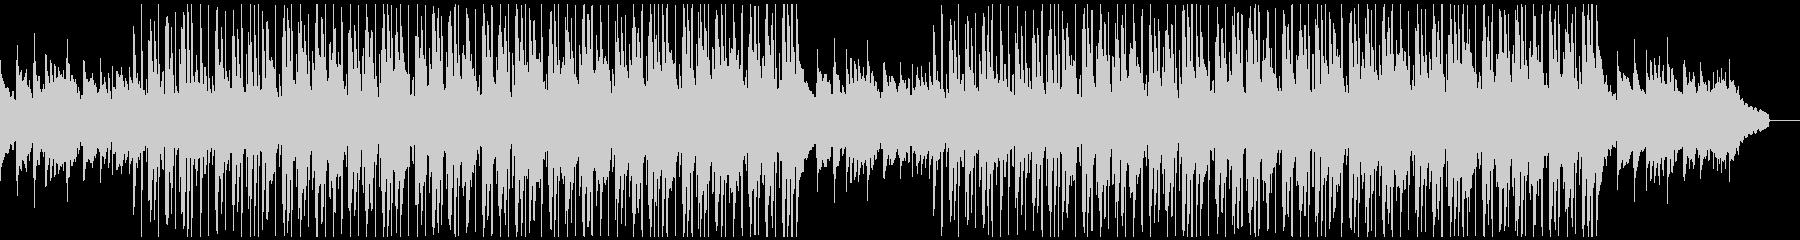 お洒落/ジャズピアノ/ヒップホップ4の未再生の波形